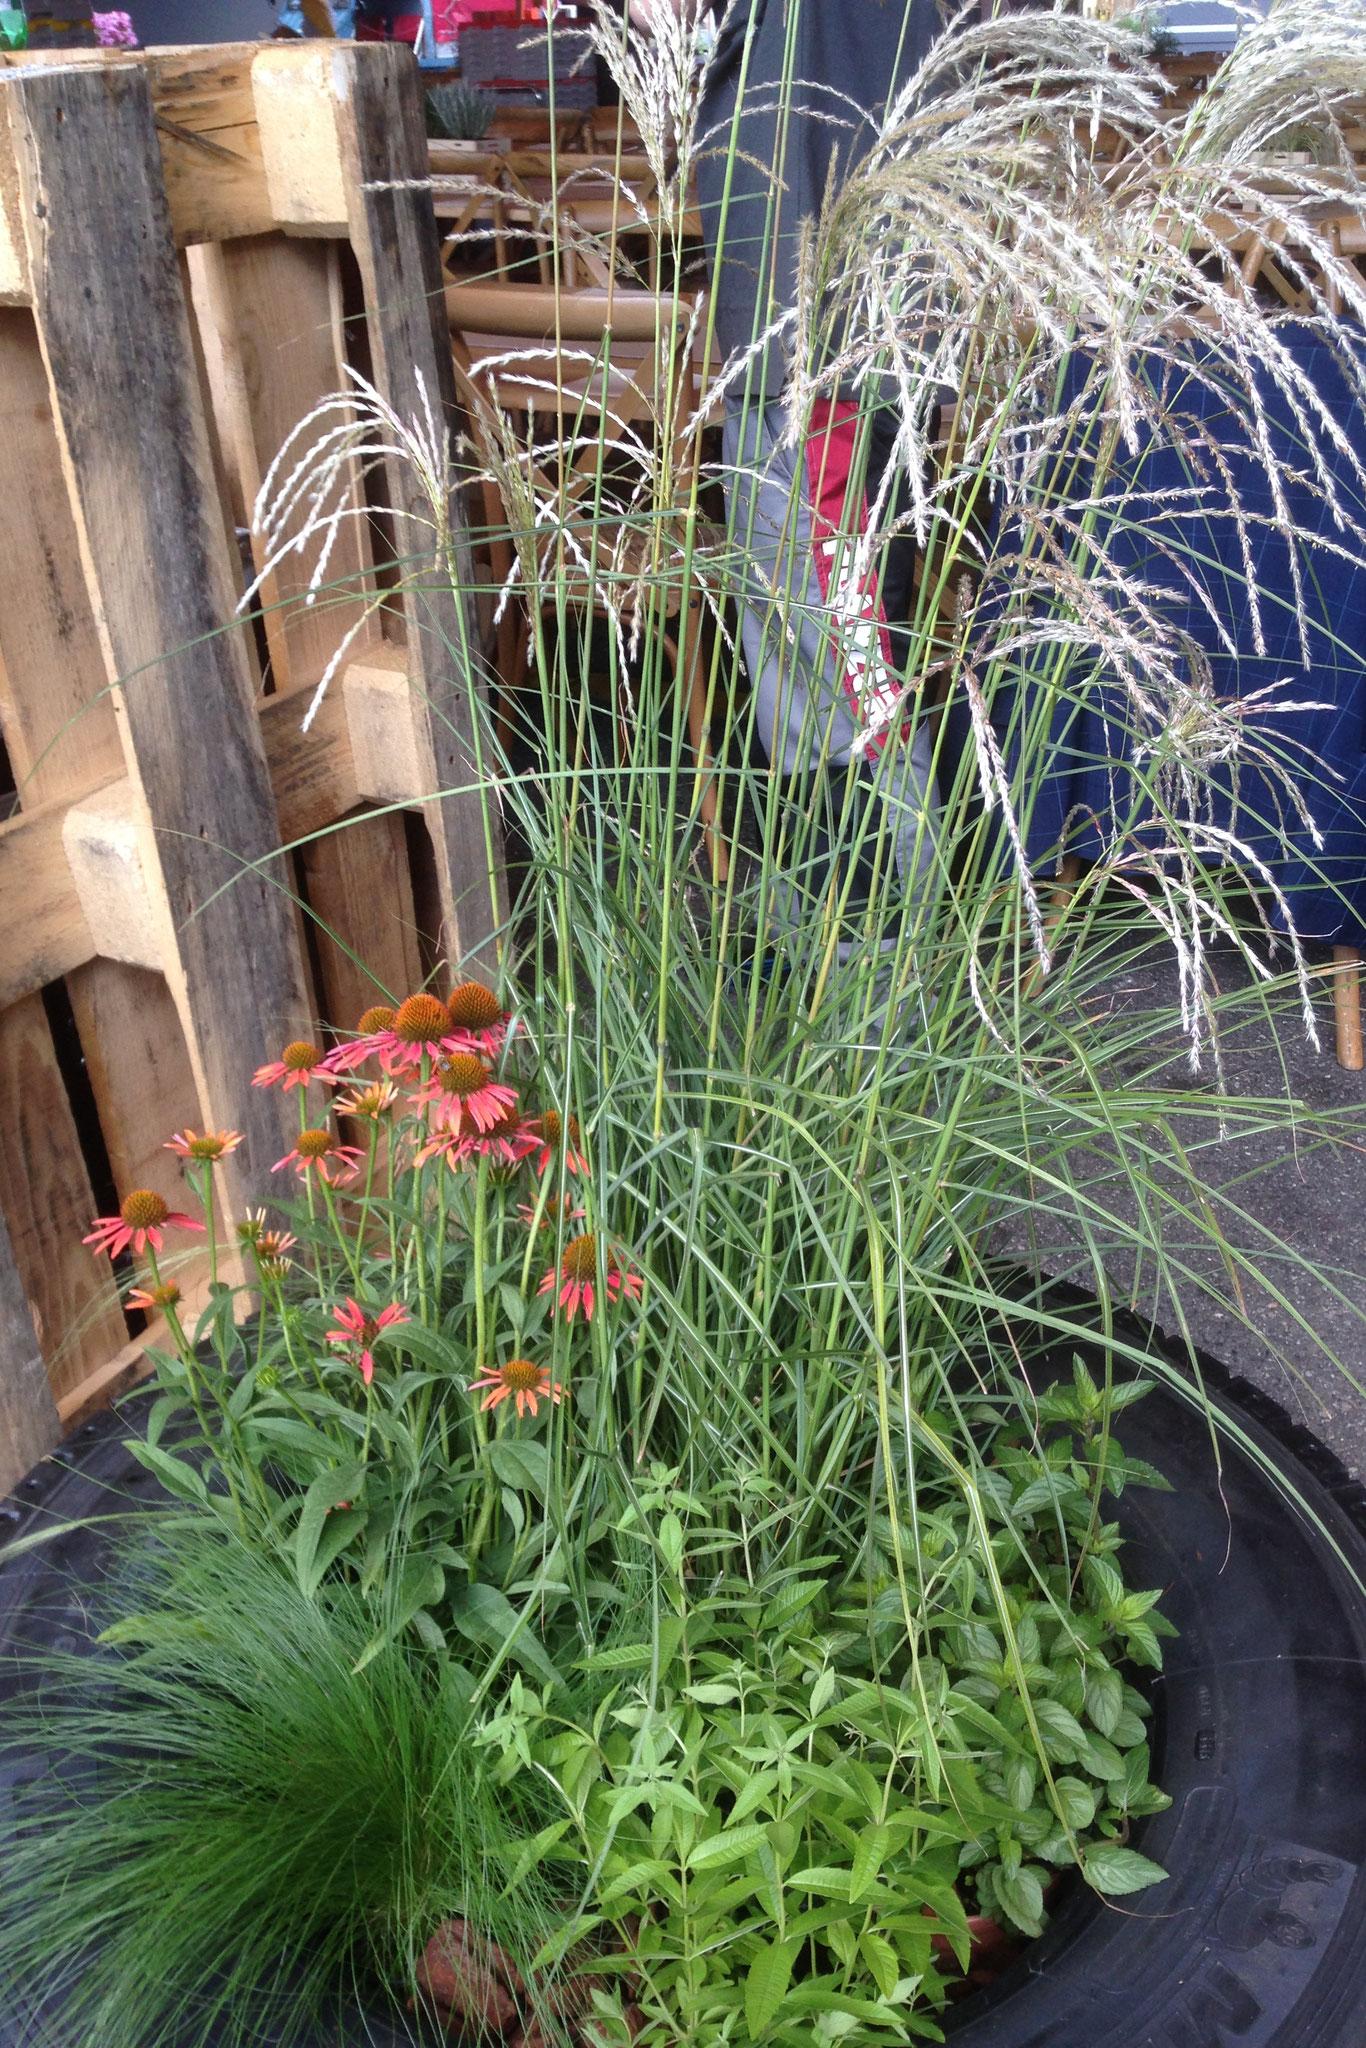 Blumen- und Pflanzenarrangement in altem Pneu